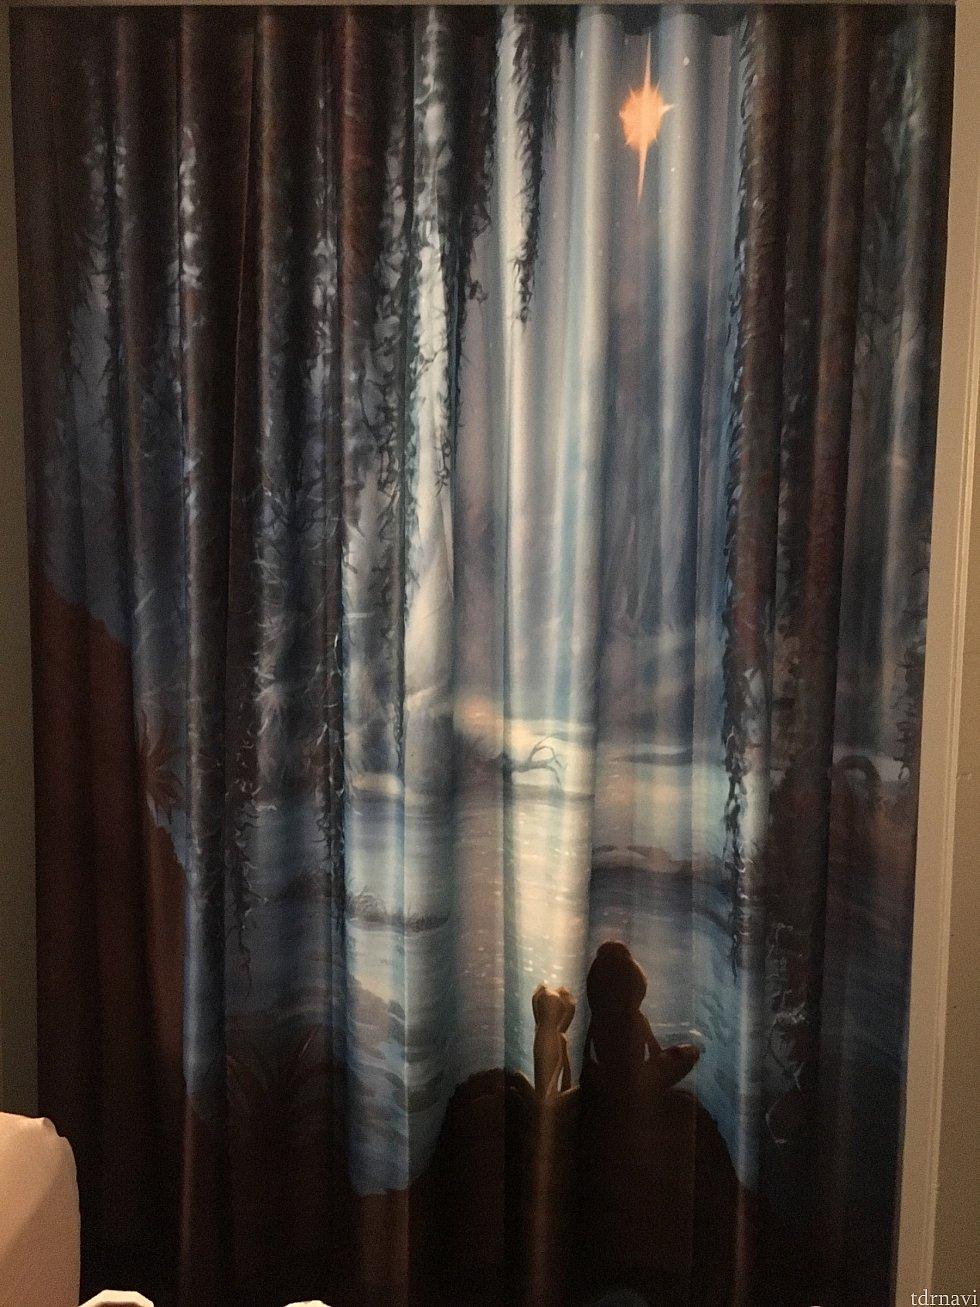 洗面所のところのしきりカーテン。 ここにもカエルさん達が🐸